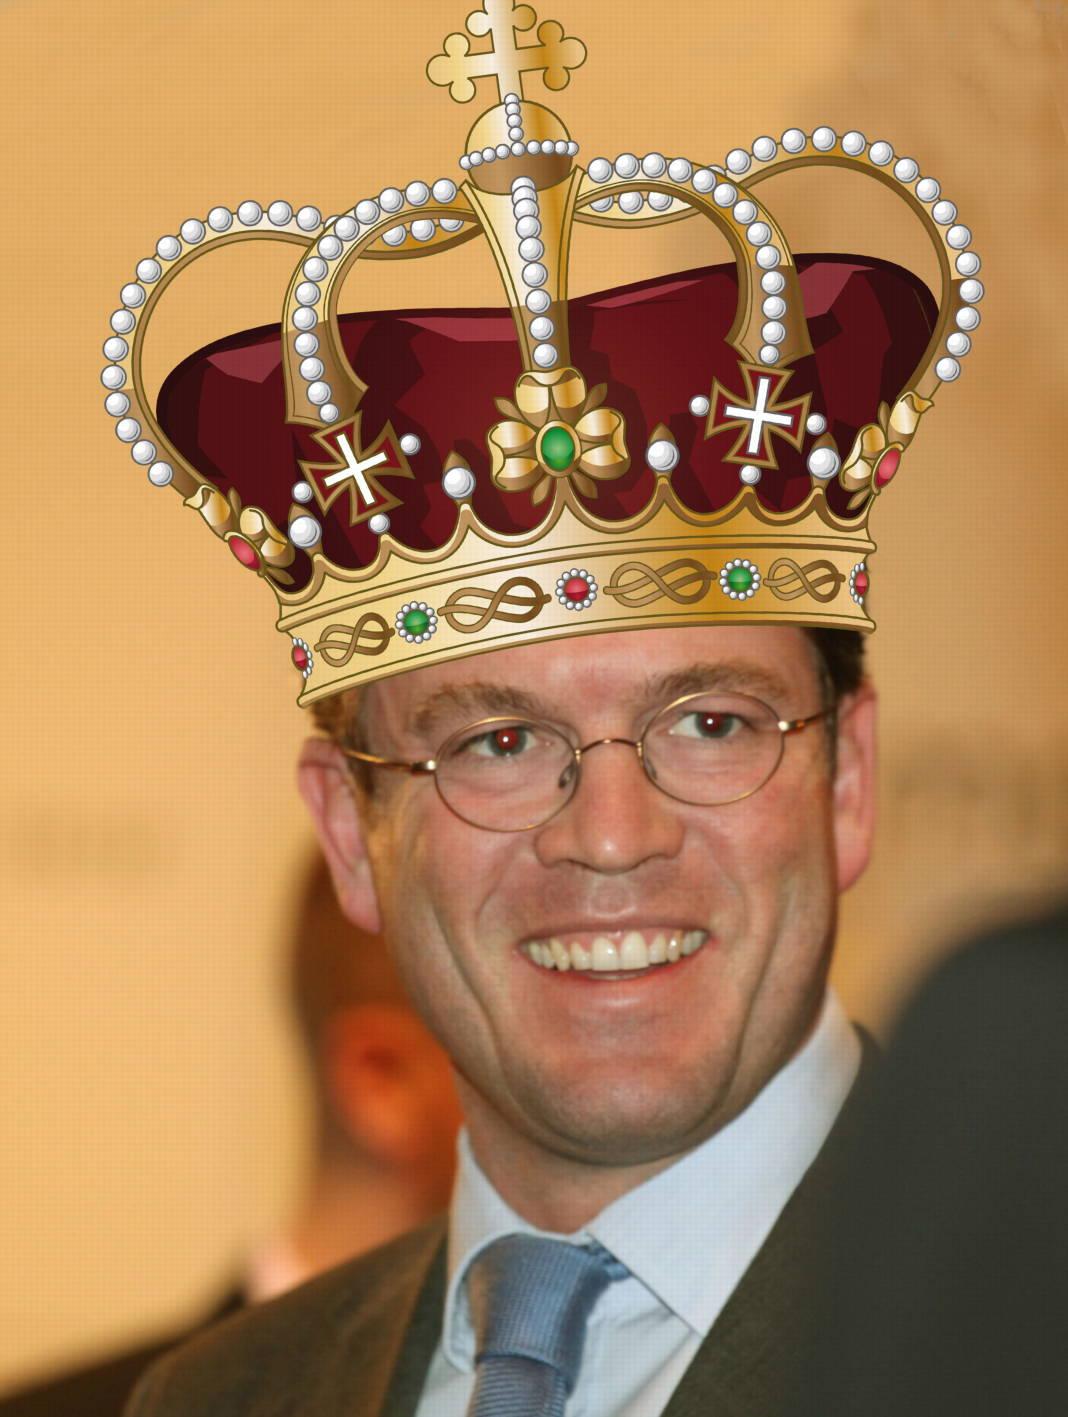 Kaiser Karl Theodor von und zu Guttenberg